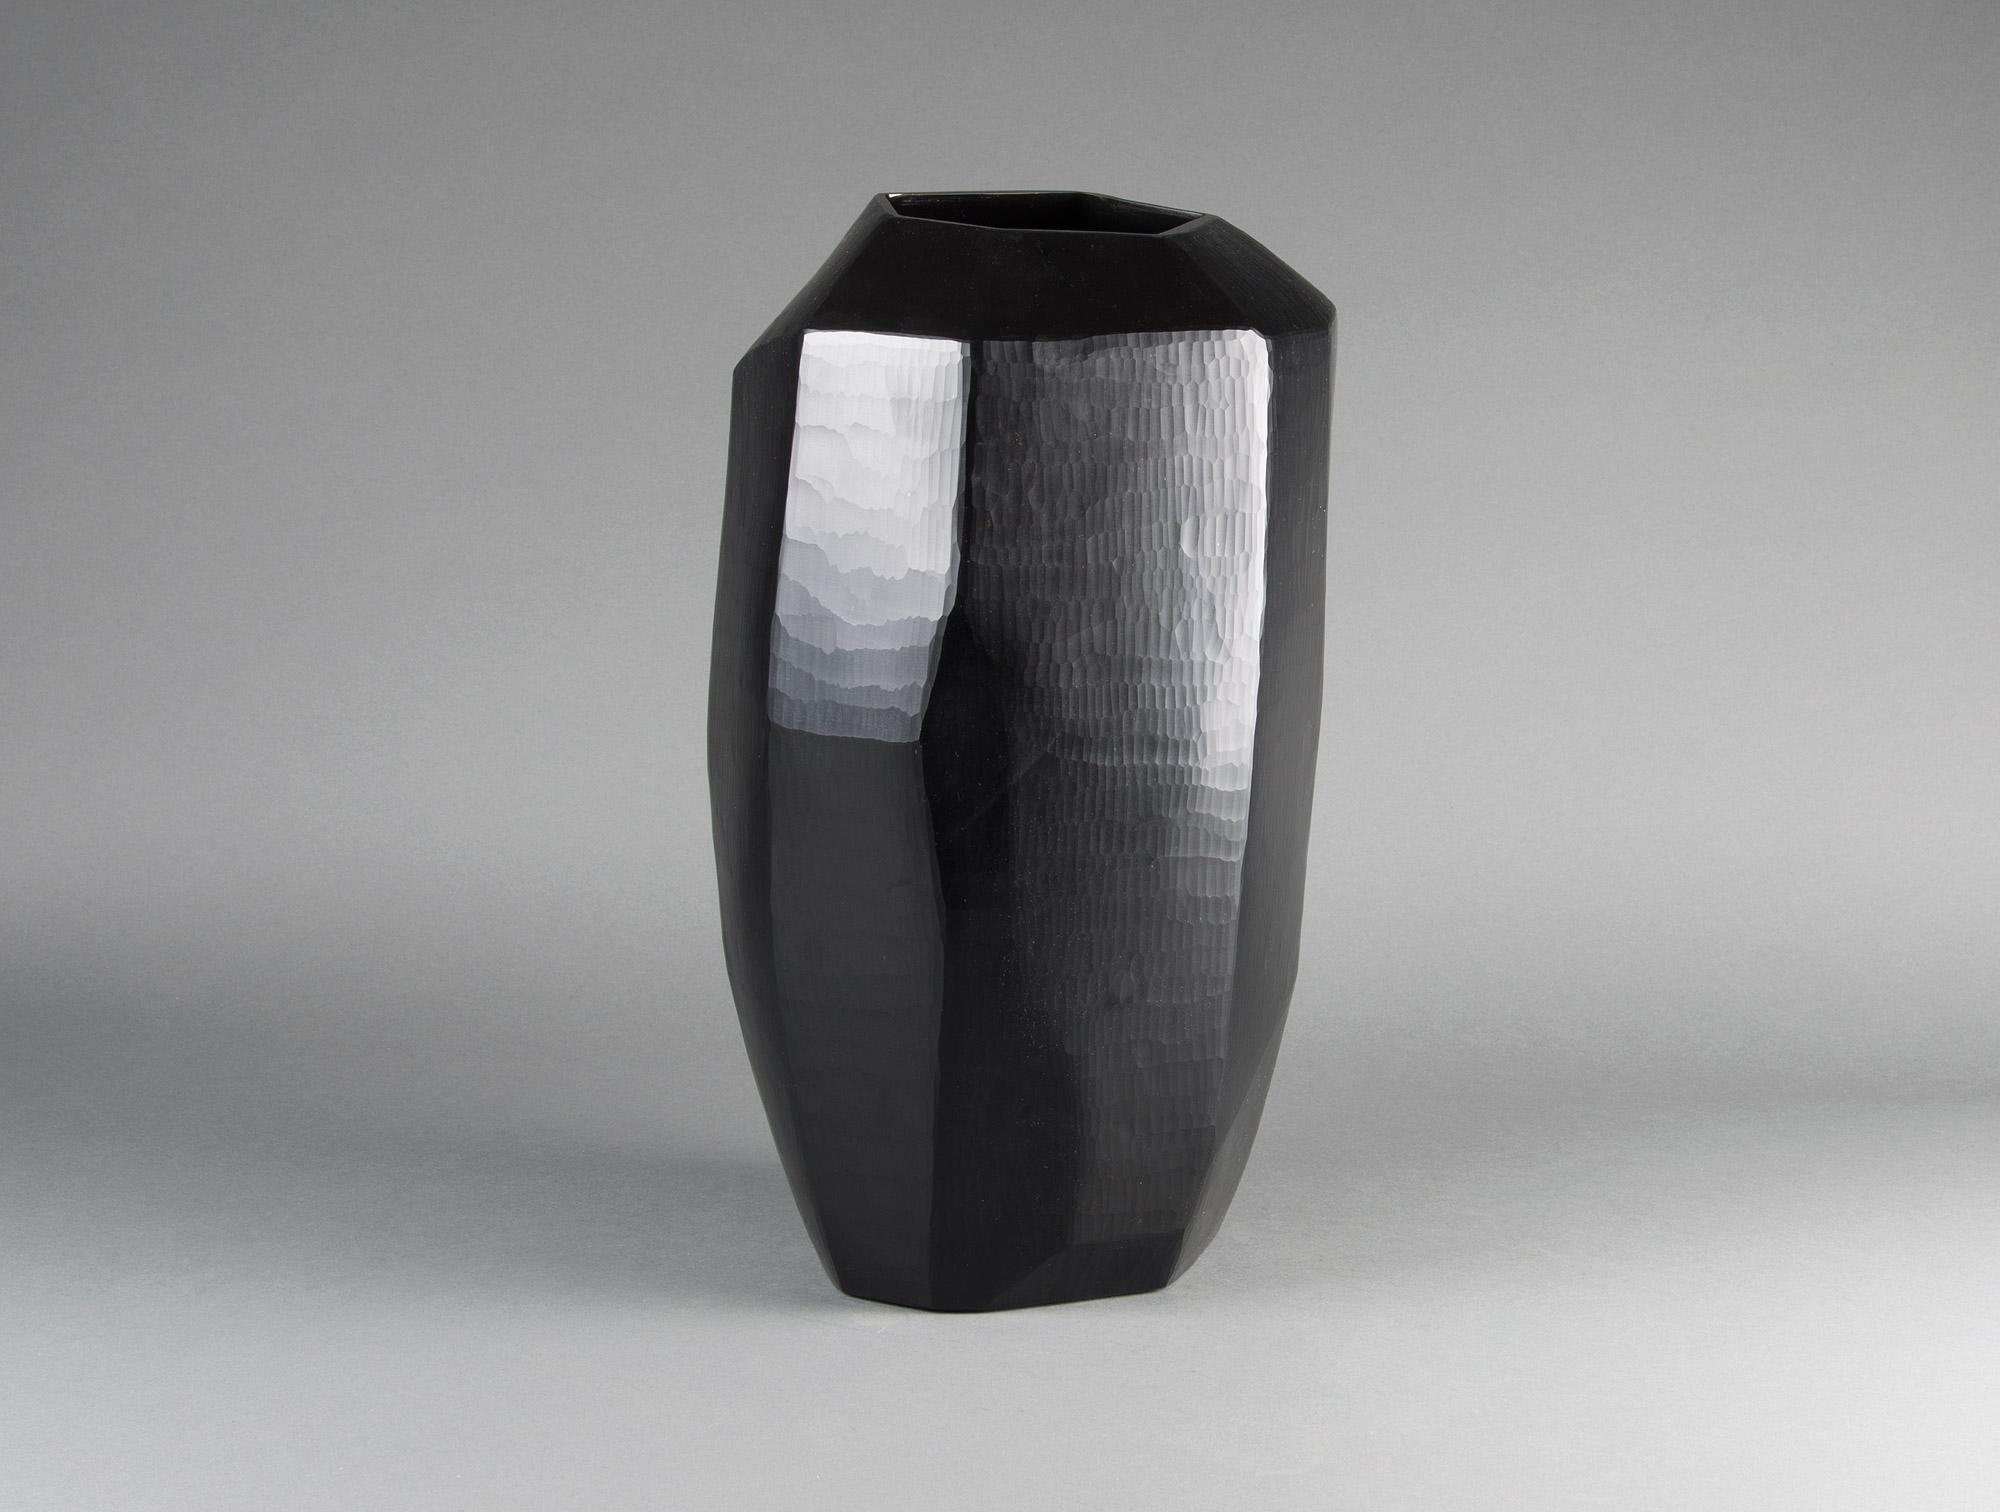 vase moderne soubrier louer objets d co vase contemporain. Black Bedroom Furniture Sets. Home Design Ideas